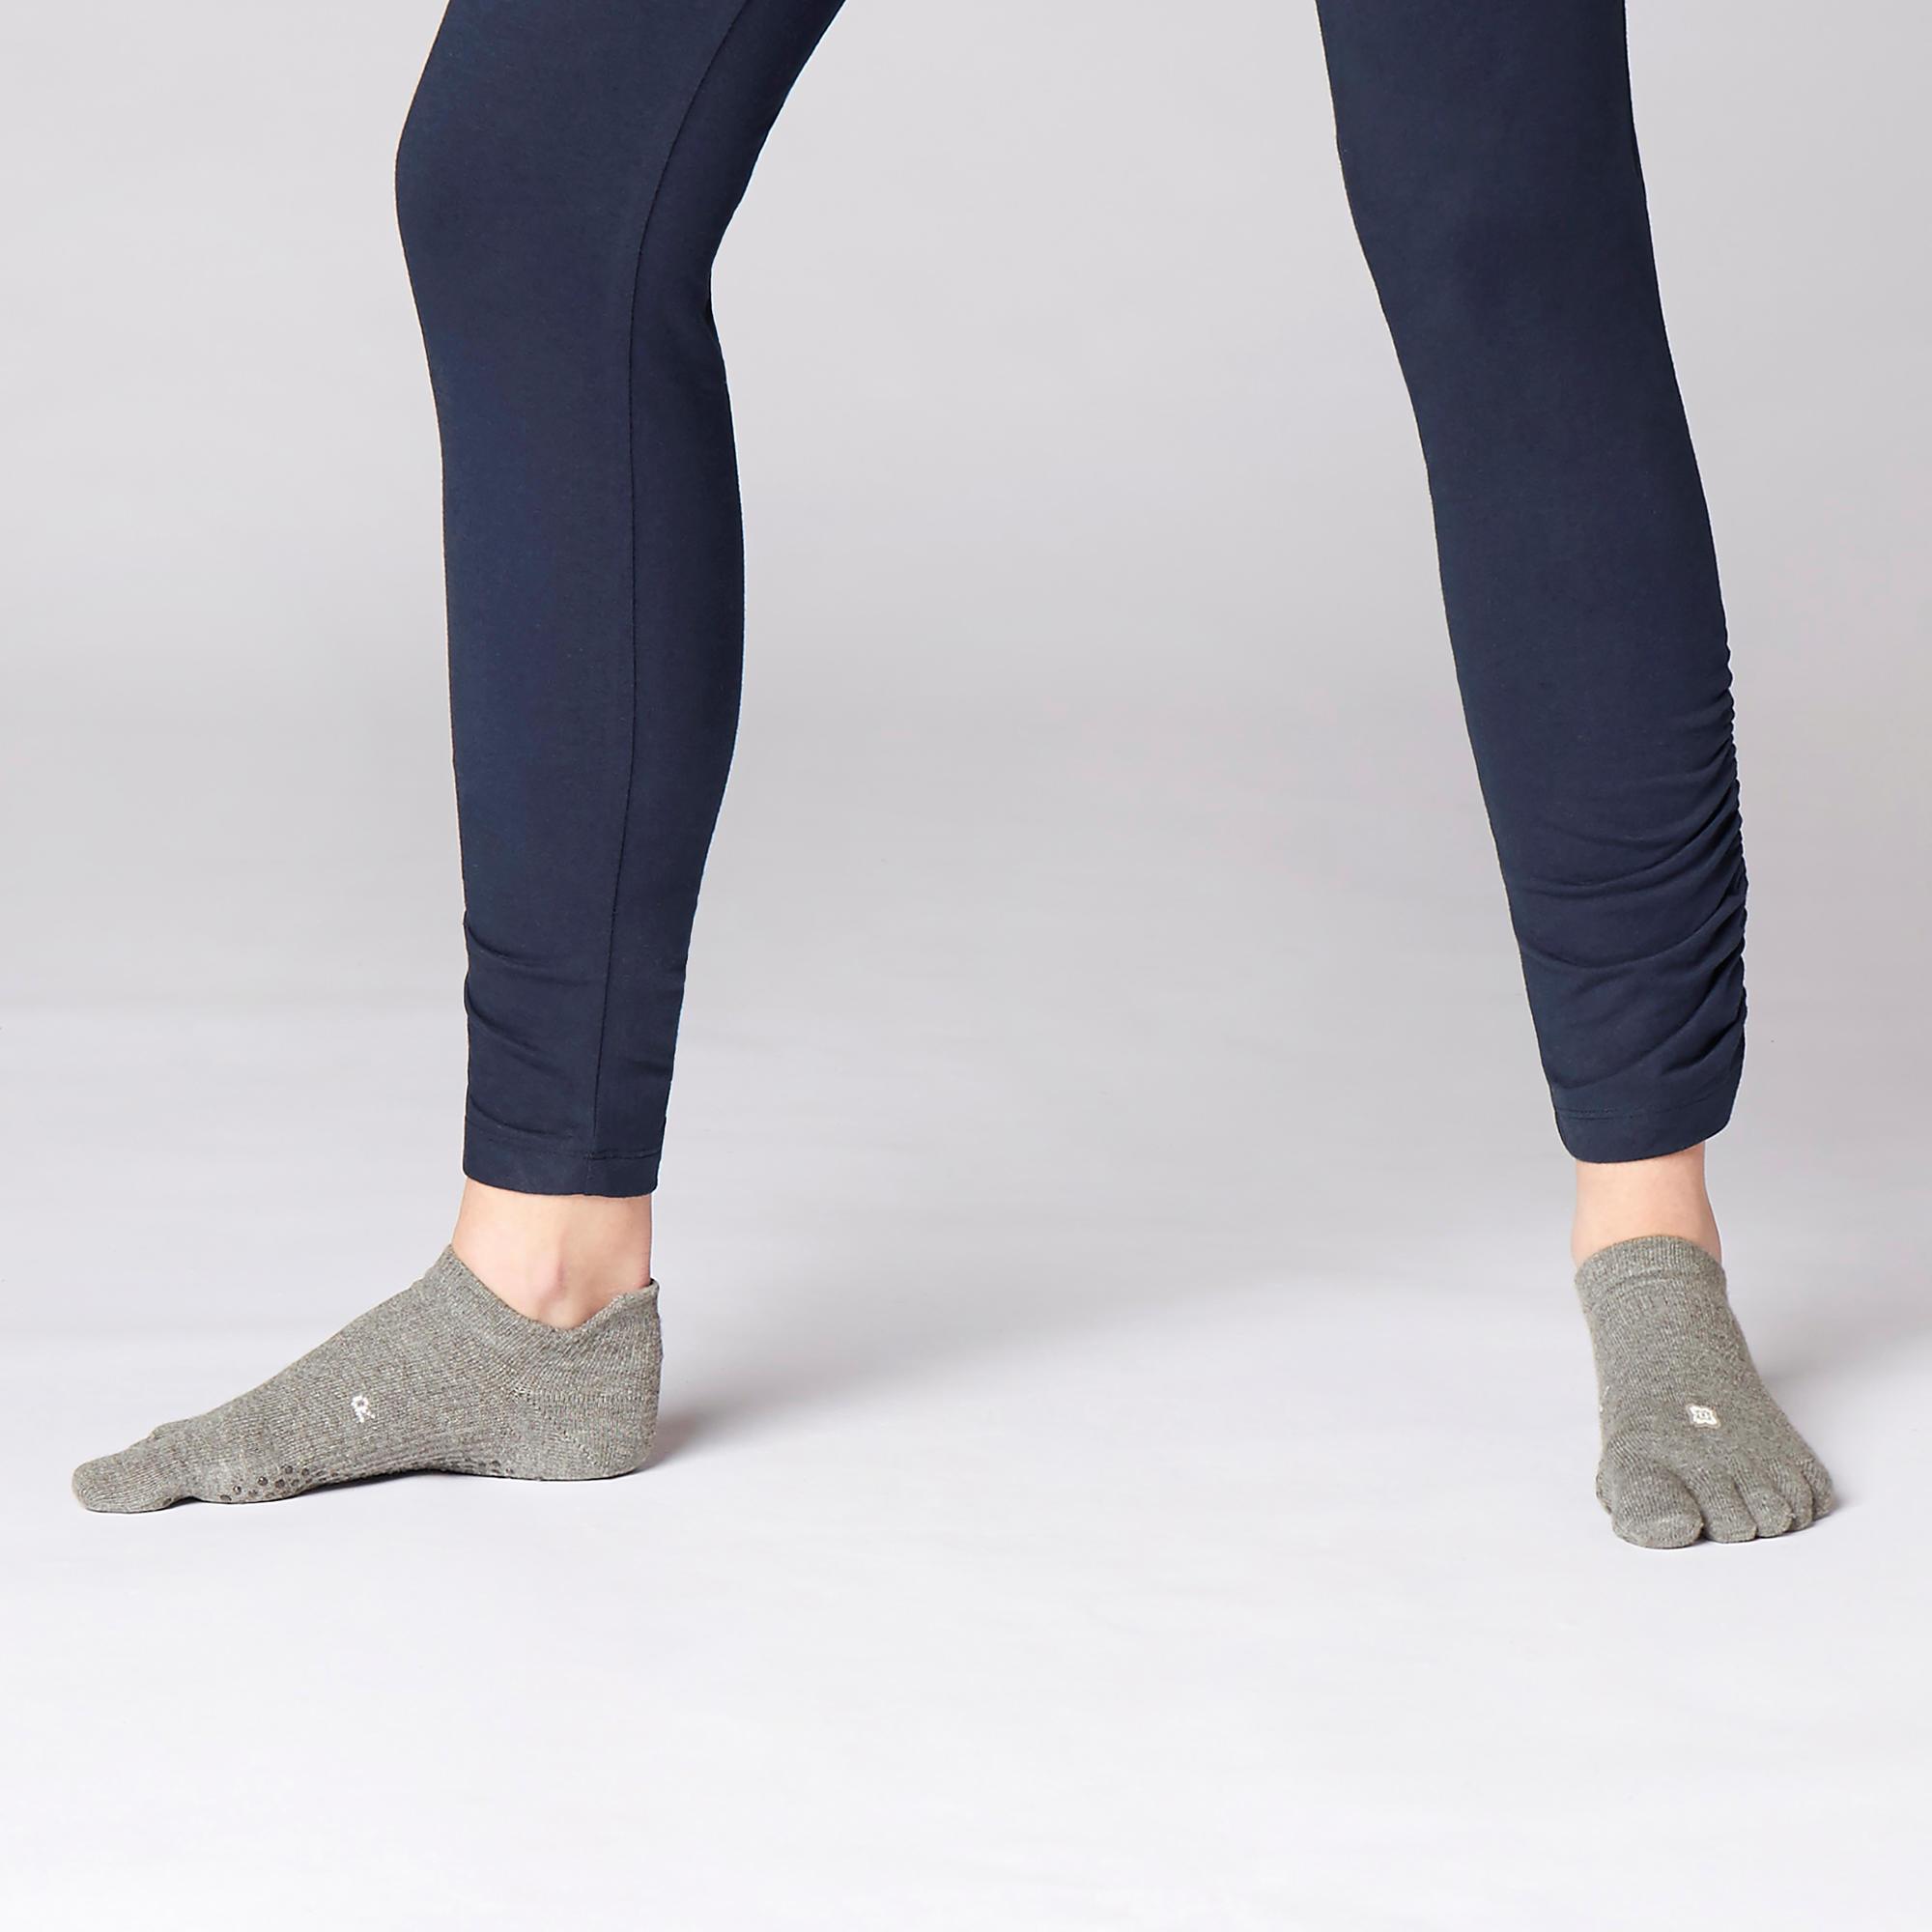 Underleaf Chaussettes de Yoga pour Femmes Cross Five Fingers Chaussettes de Yoga Coton Silicone Chaussettes antid/érapantes pour Bateau Chaussettes de Danse en Dentelle